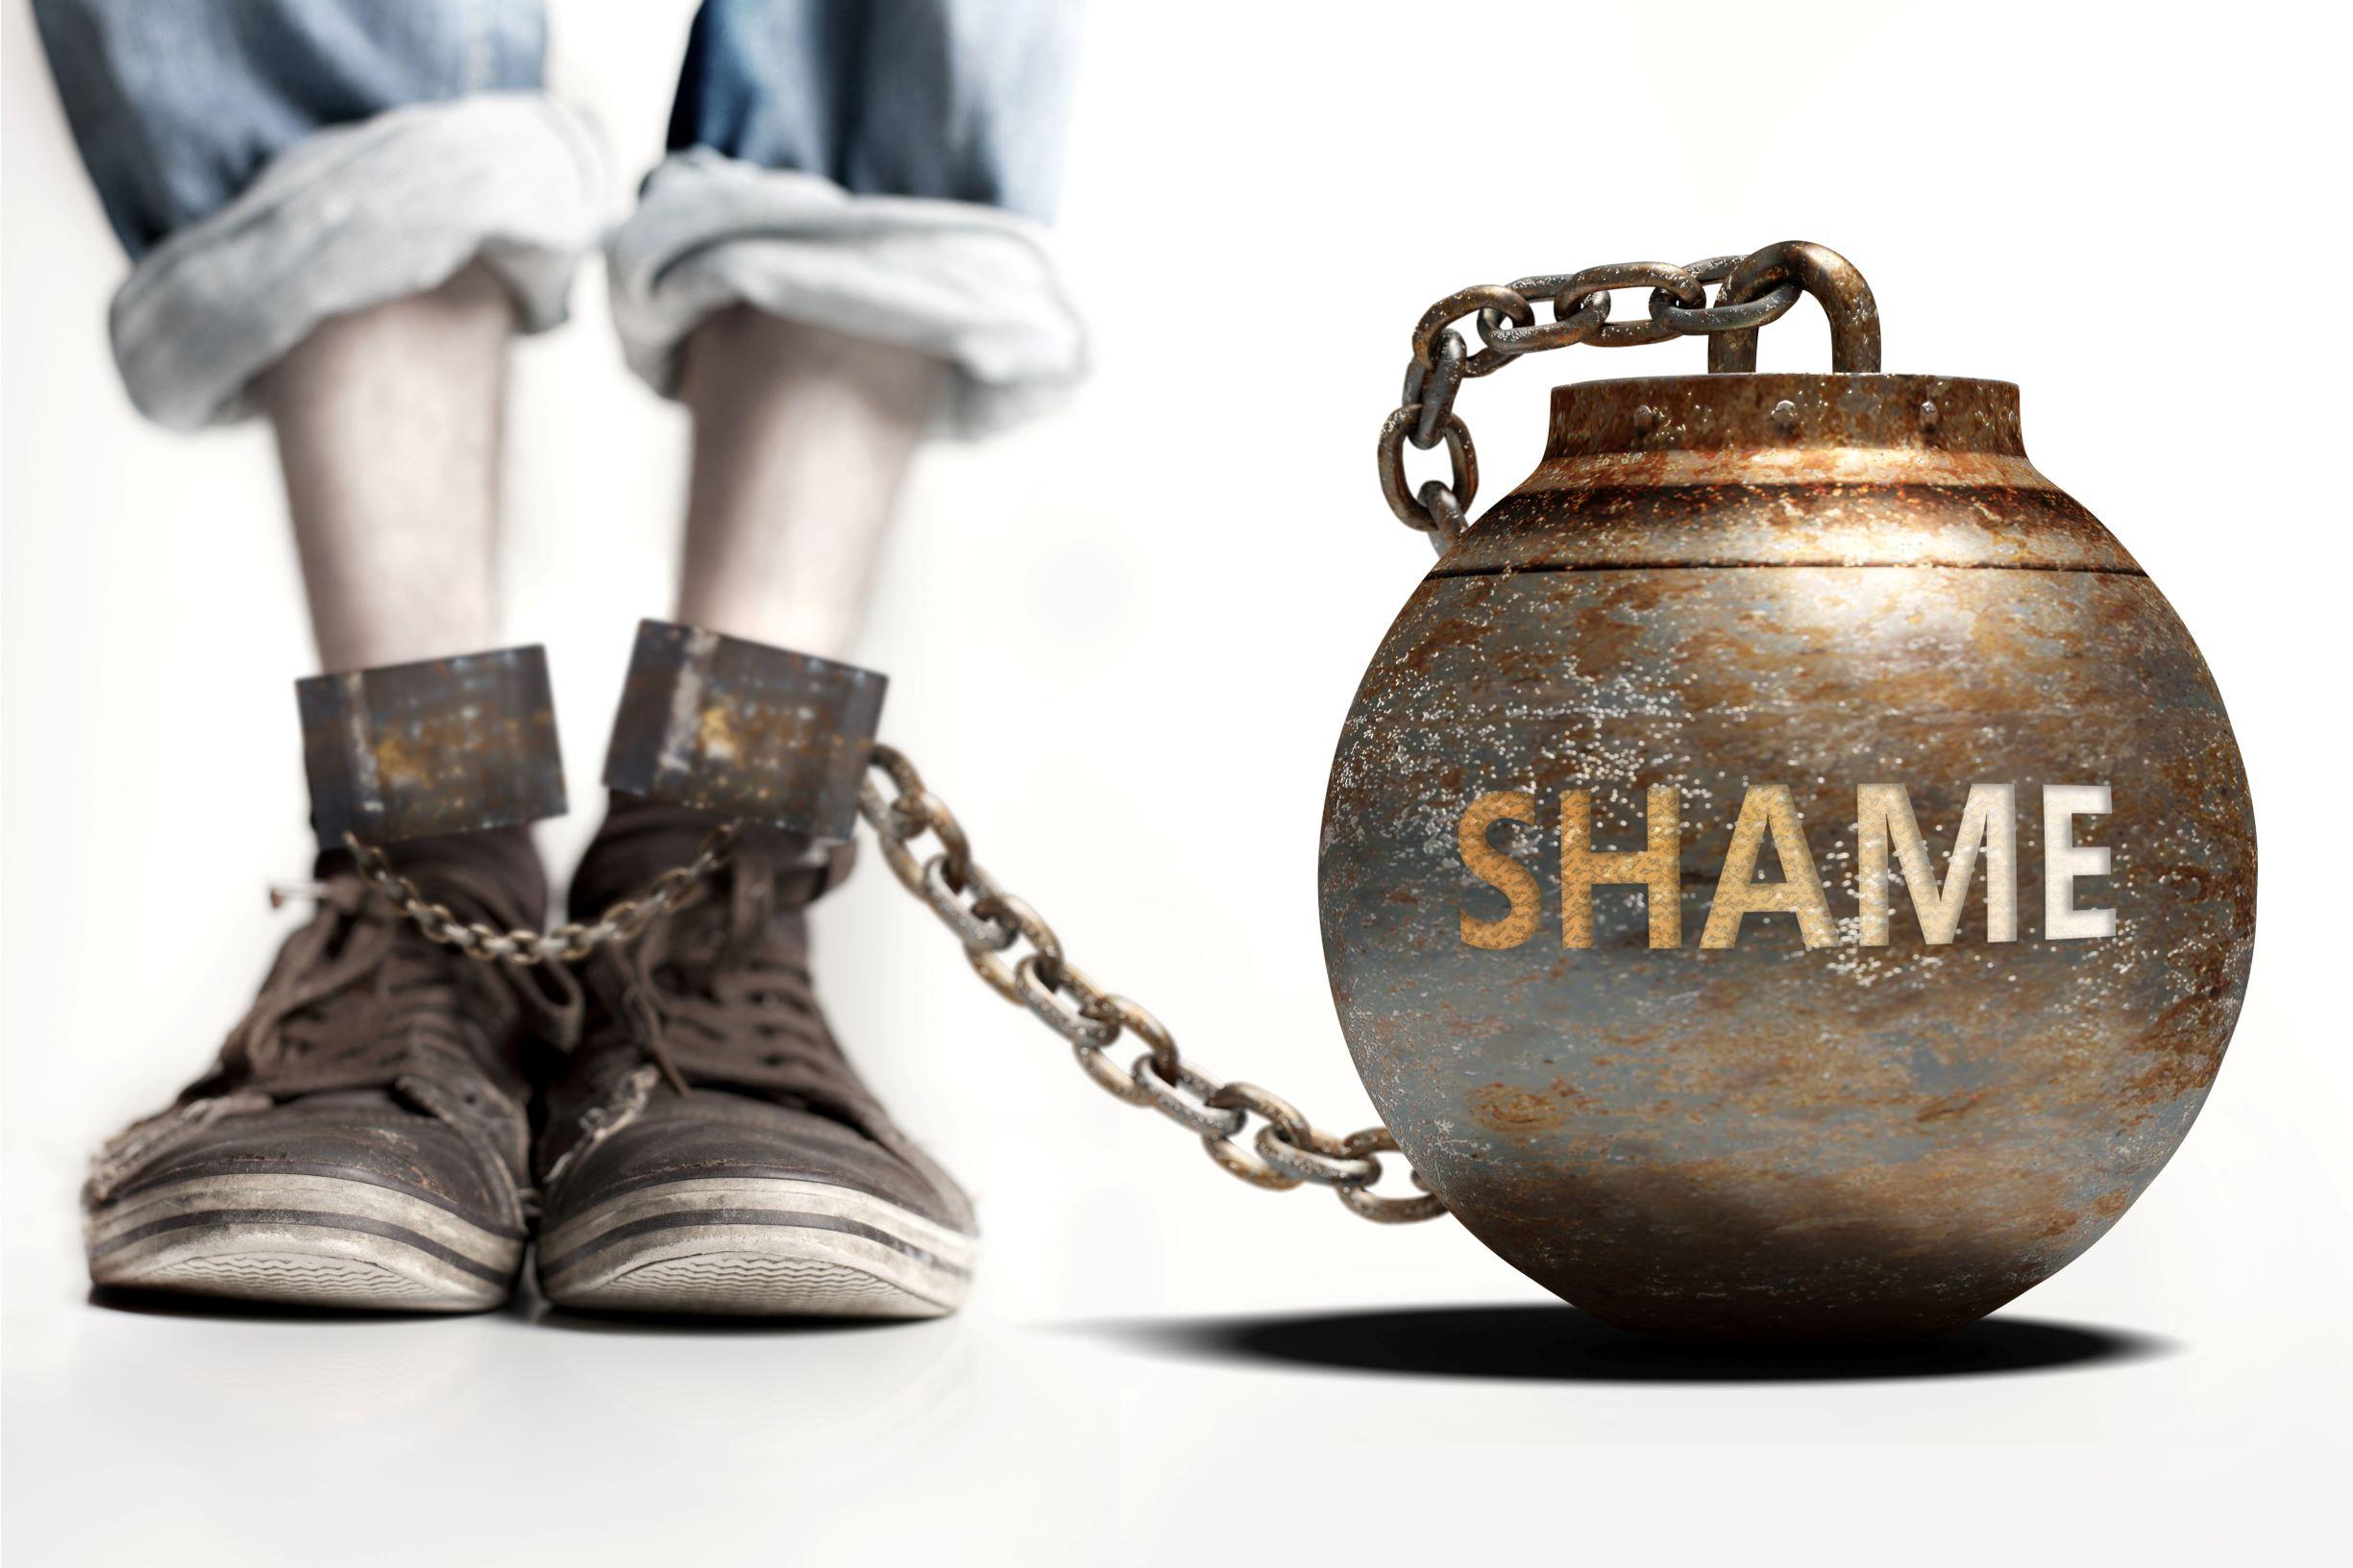 批判による「恥のスリコミ」から自尊感情を守る方法 毒親卒業ブログ